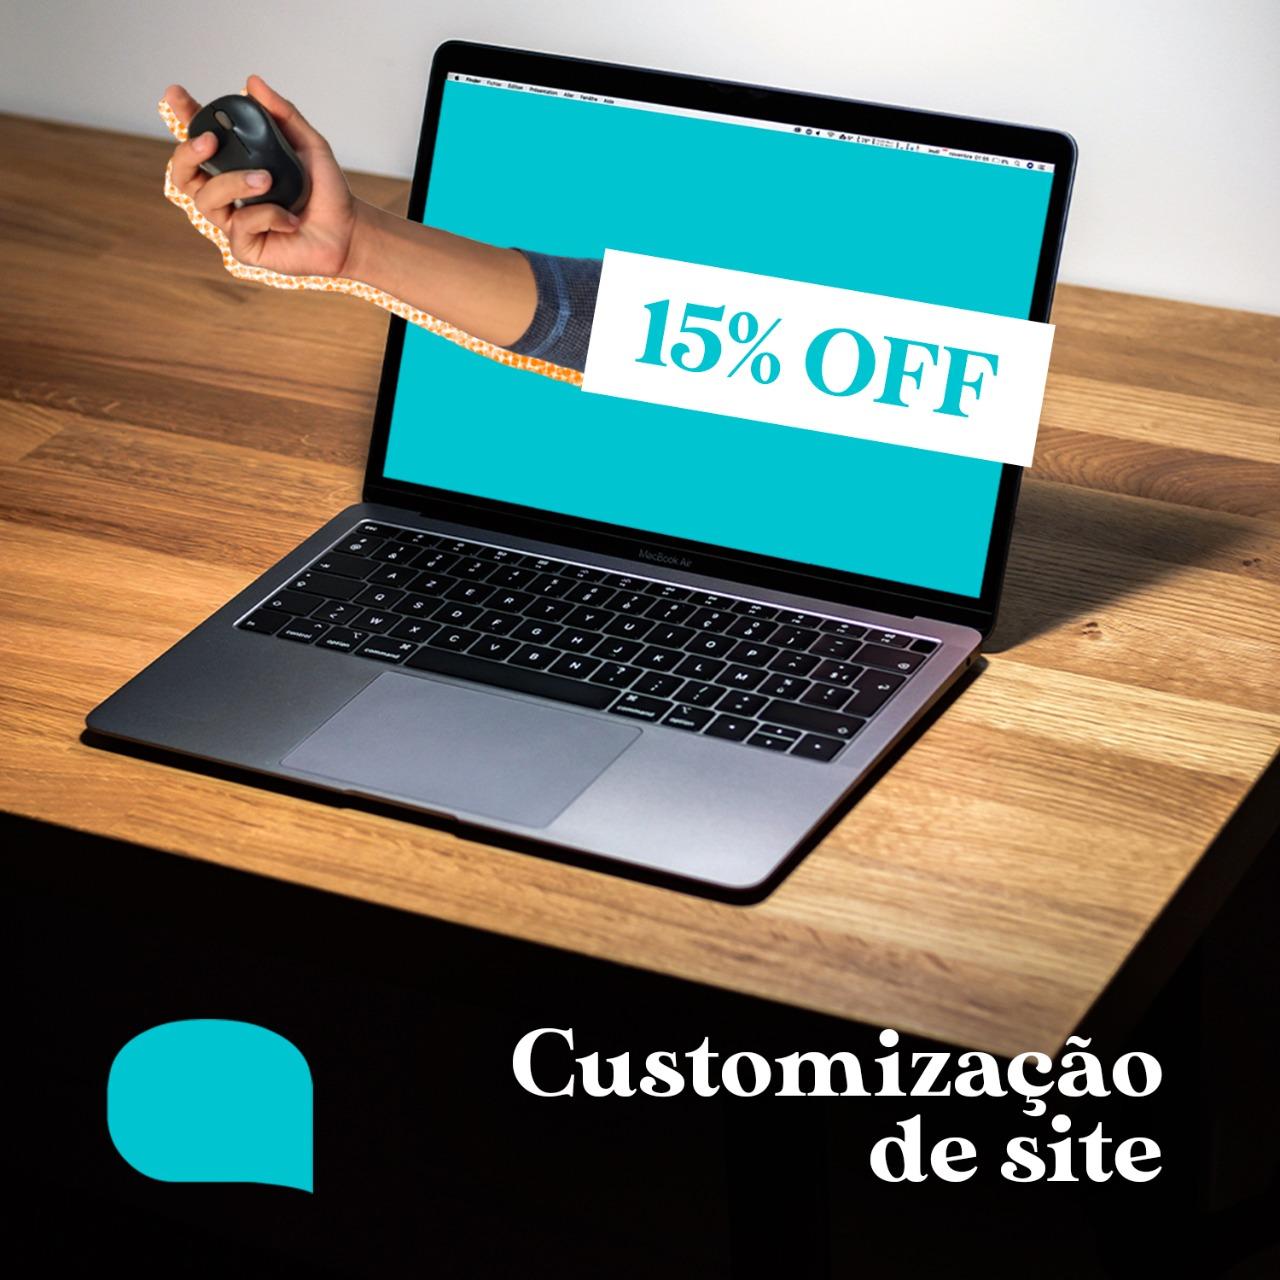 Customização de site